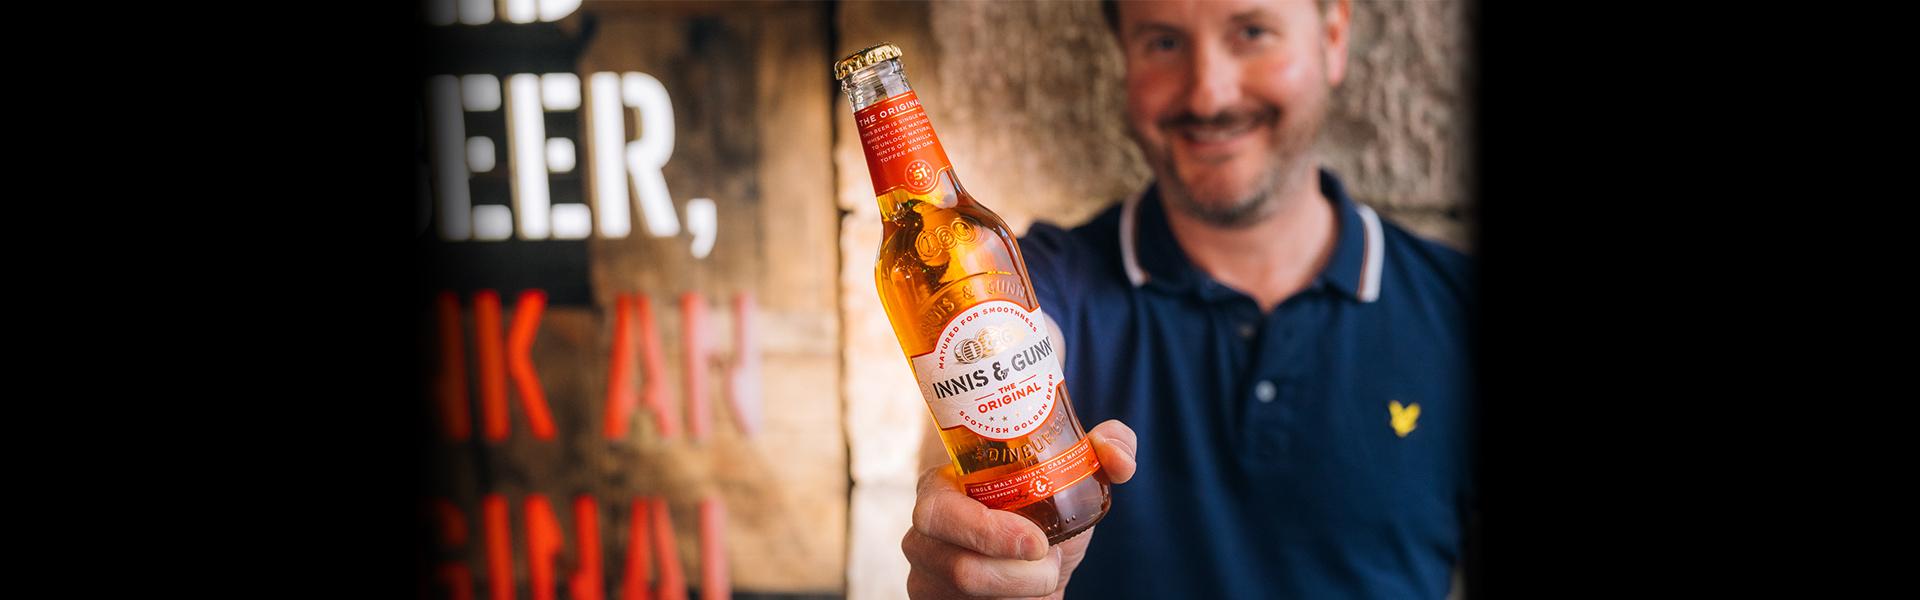 Innis & Gunn byter design – bryggeriets ikoniska klara flaska är tillbaka